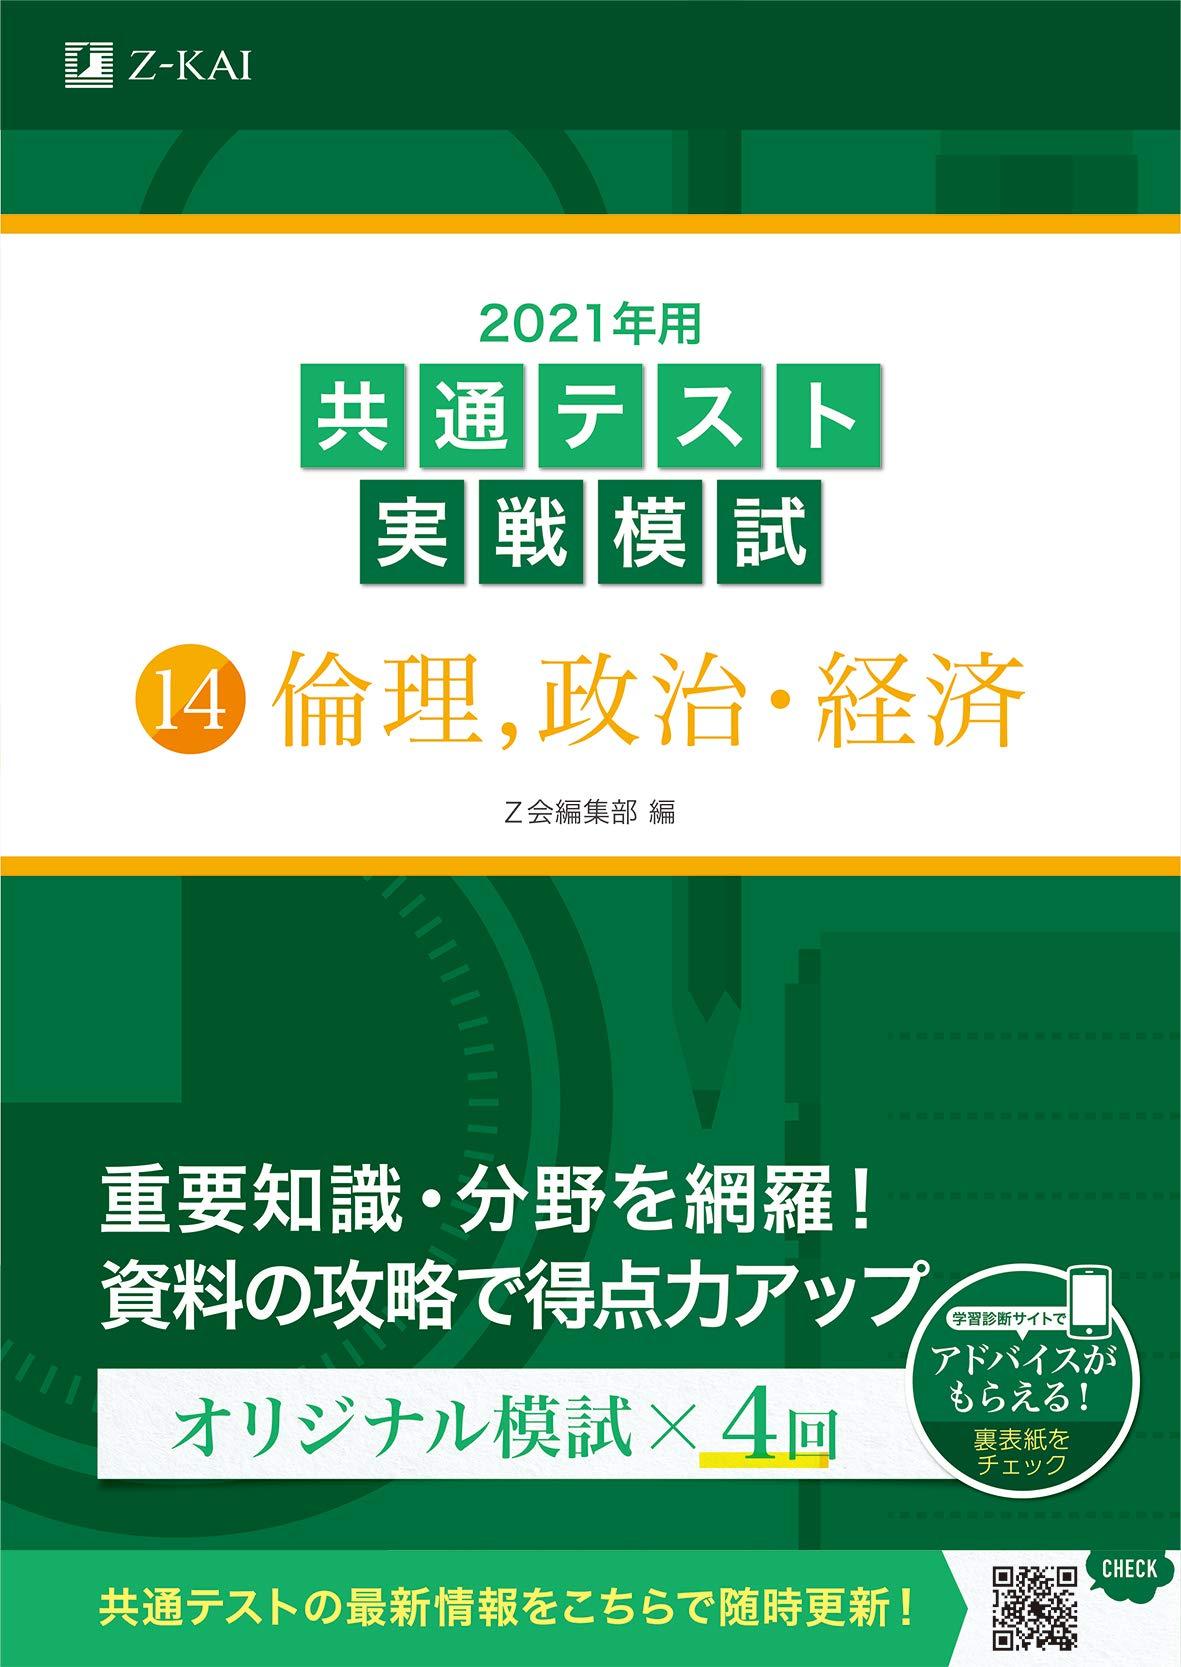 倫政のおすすめ参考書・問題集「共通テスト実戦模試 倫理, 政治・経済」